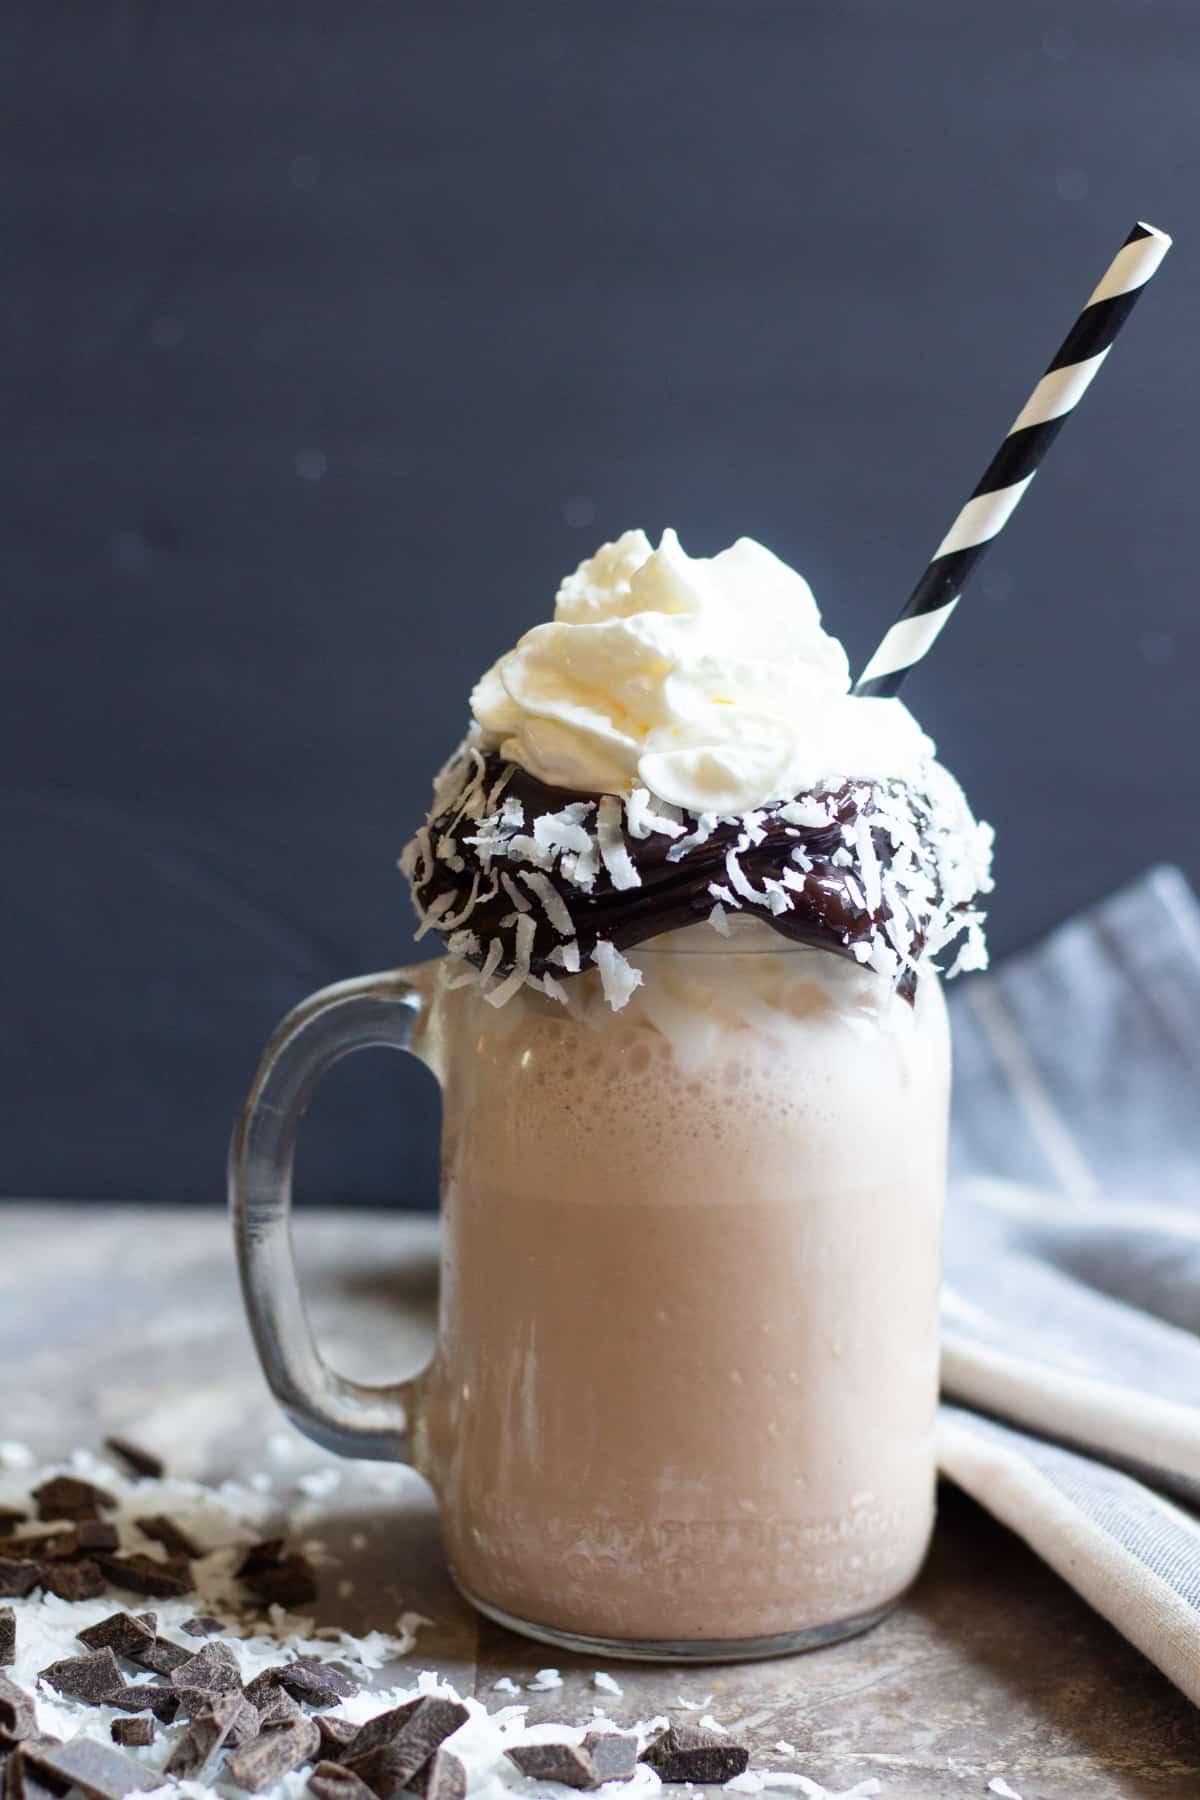 coconut chocolate milkshake with a straw